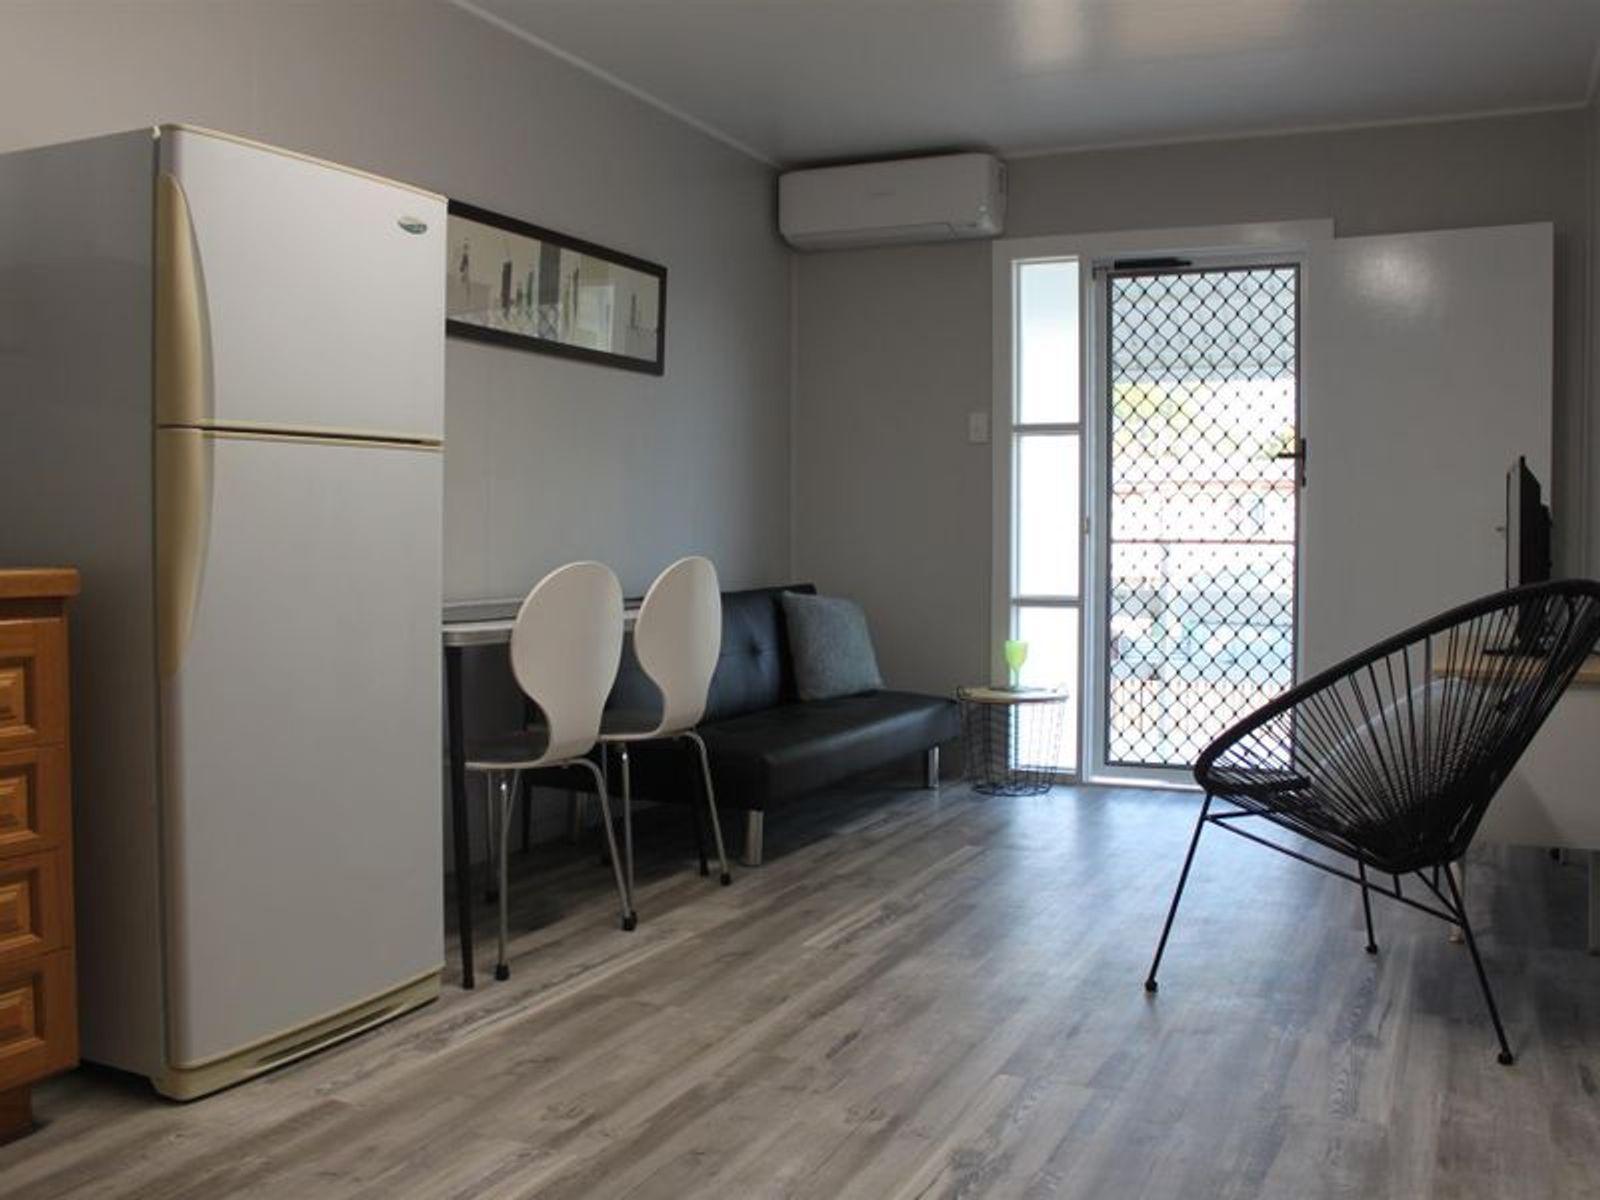 5/1 Biltoft Street, Sarina, QLD 4737